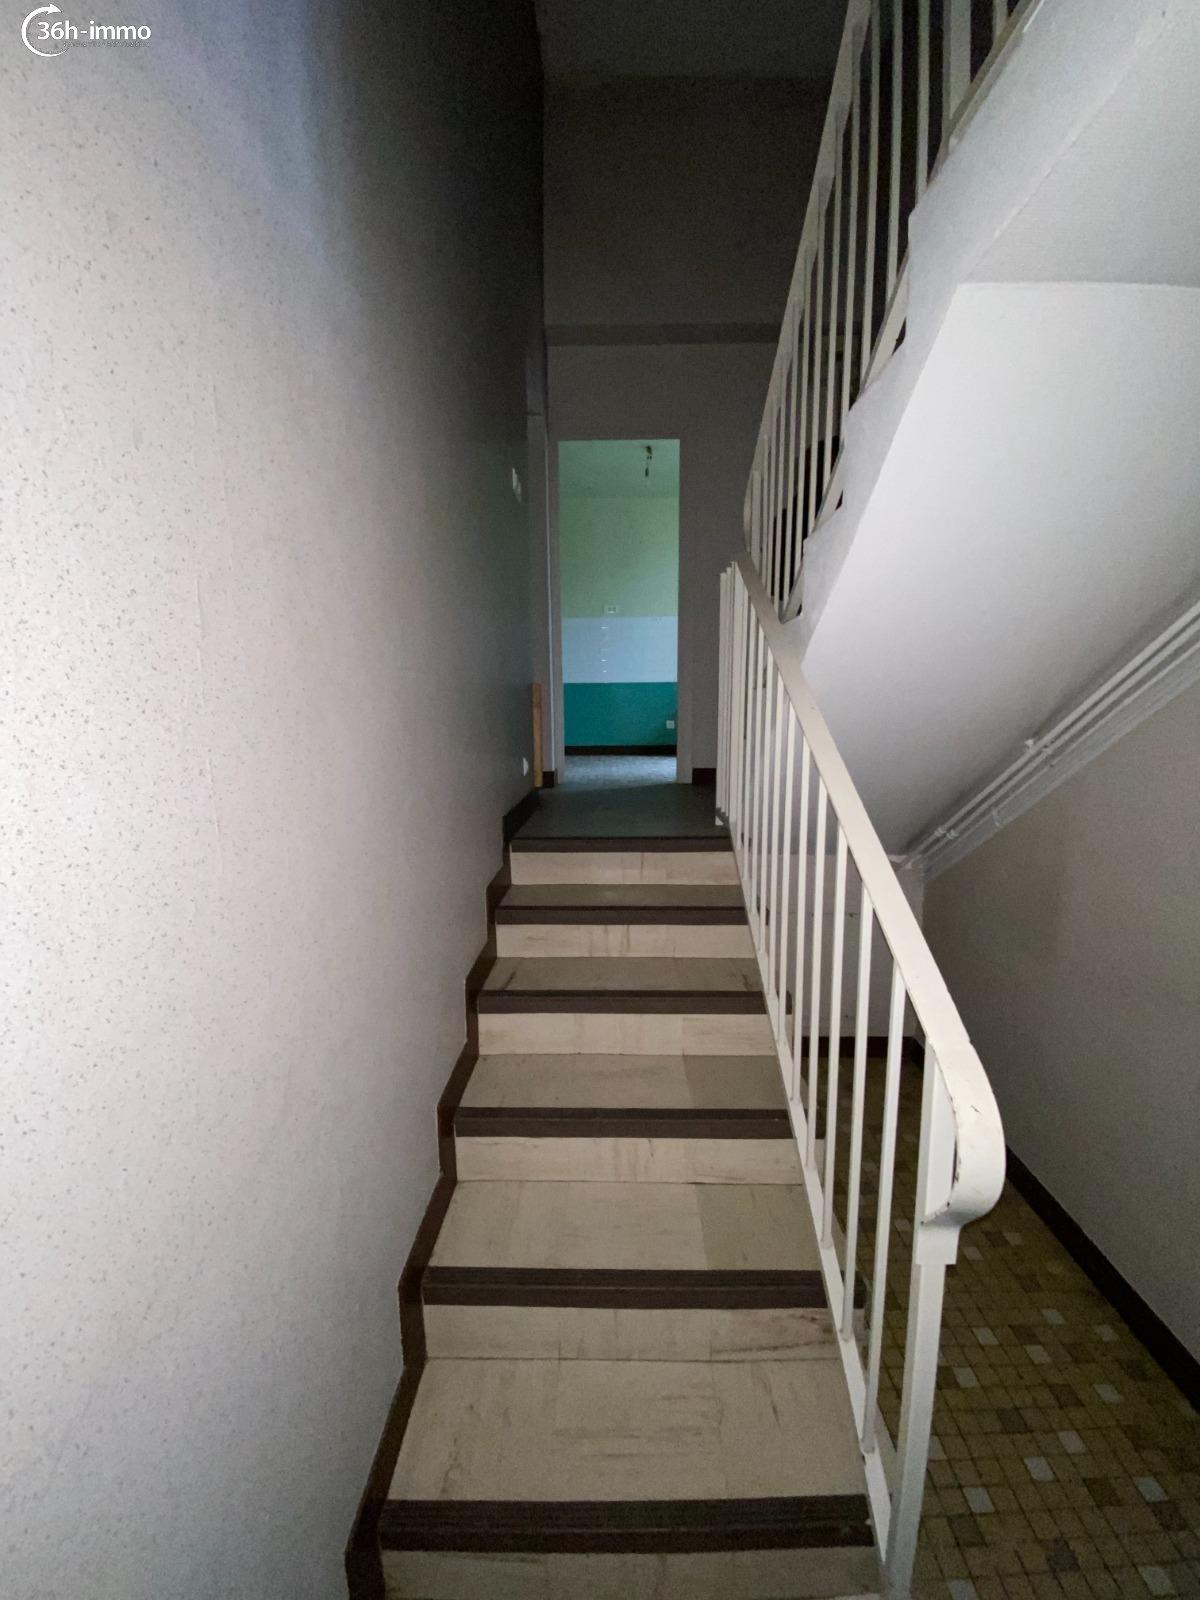 Maison Brive-la-Gaillarde 19100 Correze 96 m<sup>2</sup> 5 pi&eagrave;ces 59950 euros